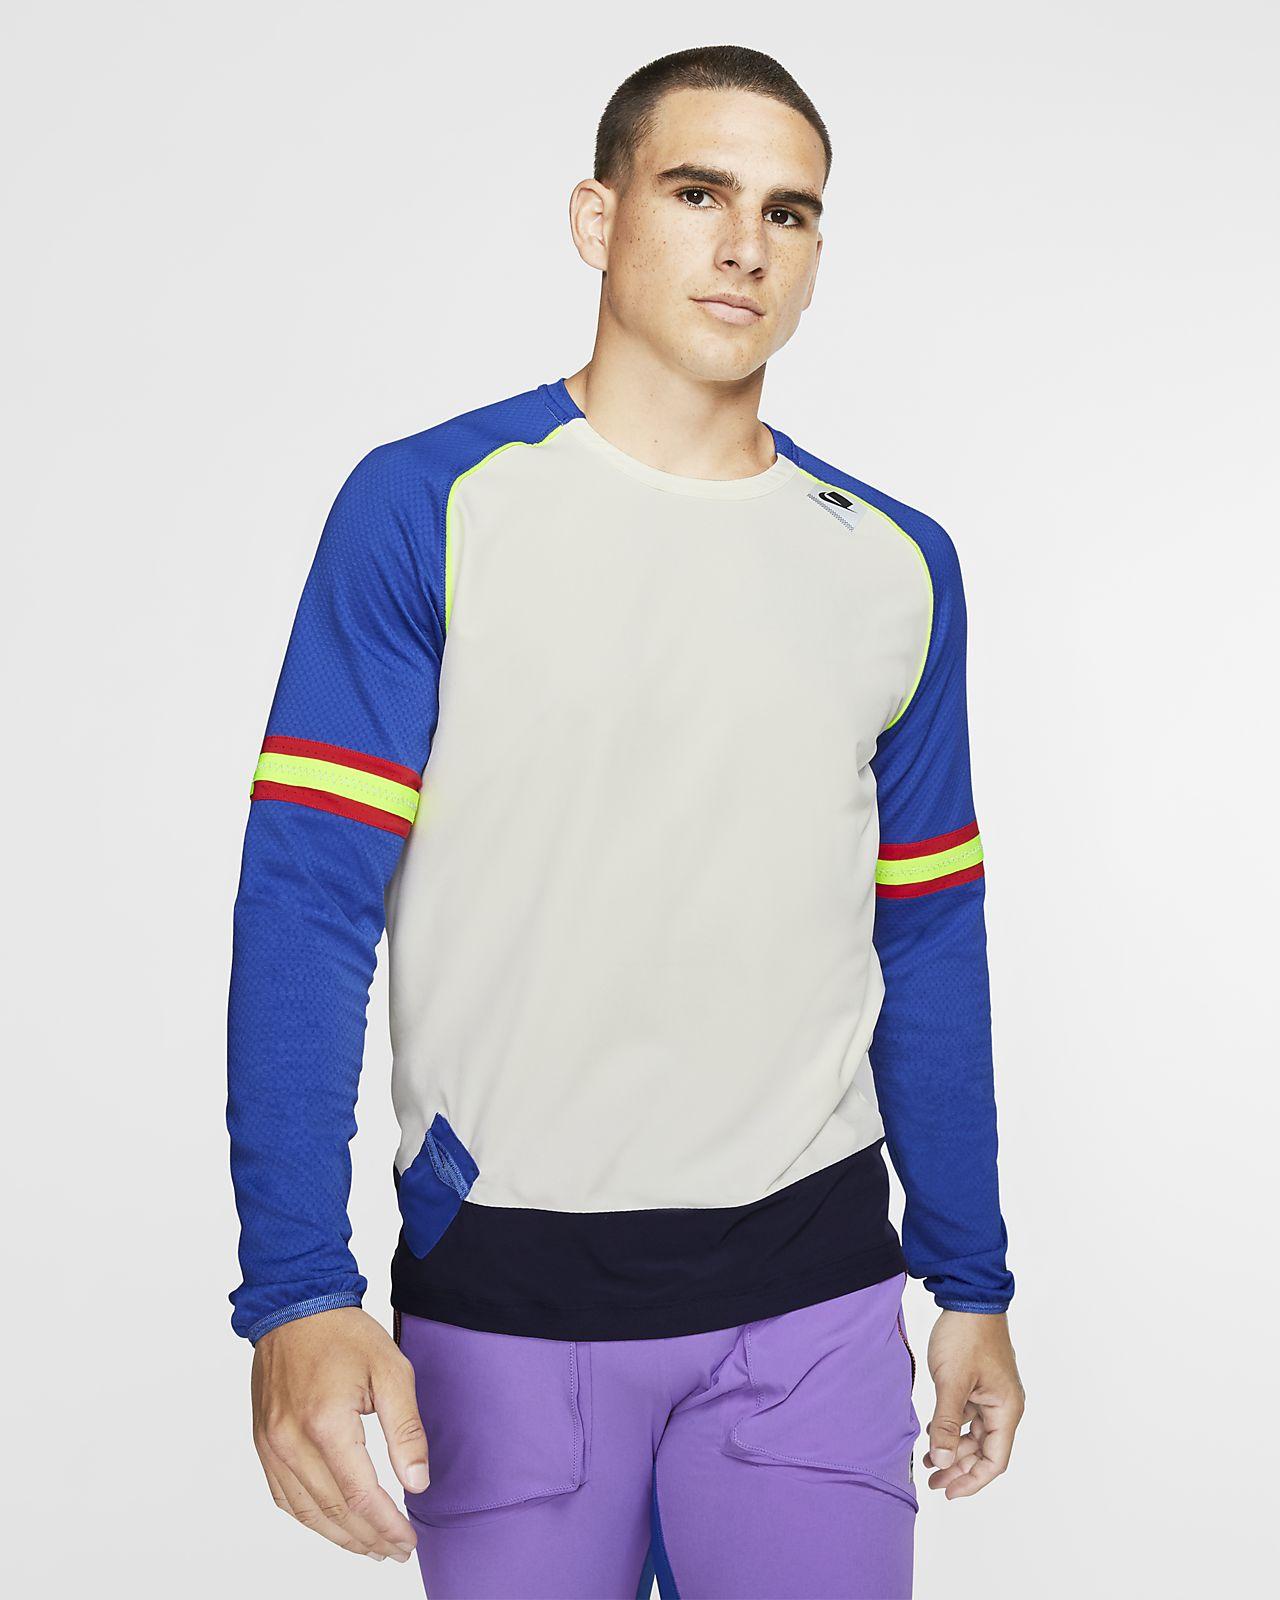 Pánské běžecké tričko Nike Wild Run s dlouhým rukávem